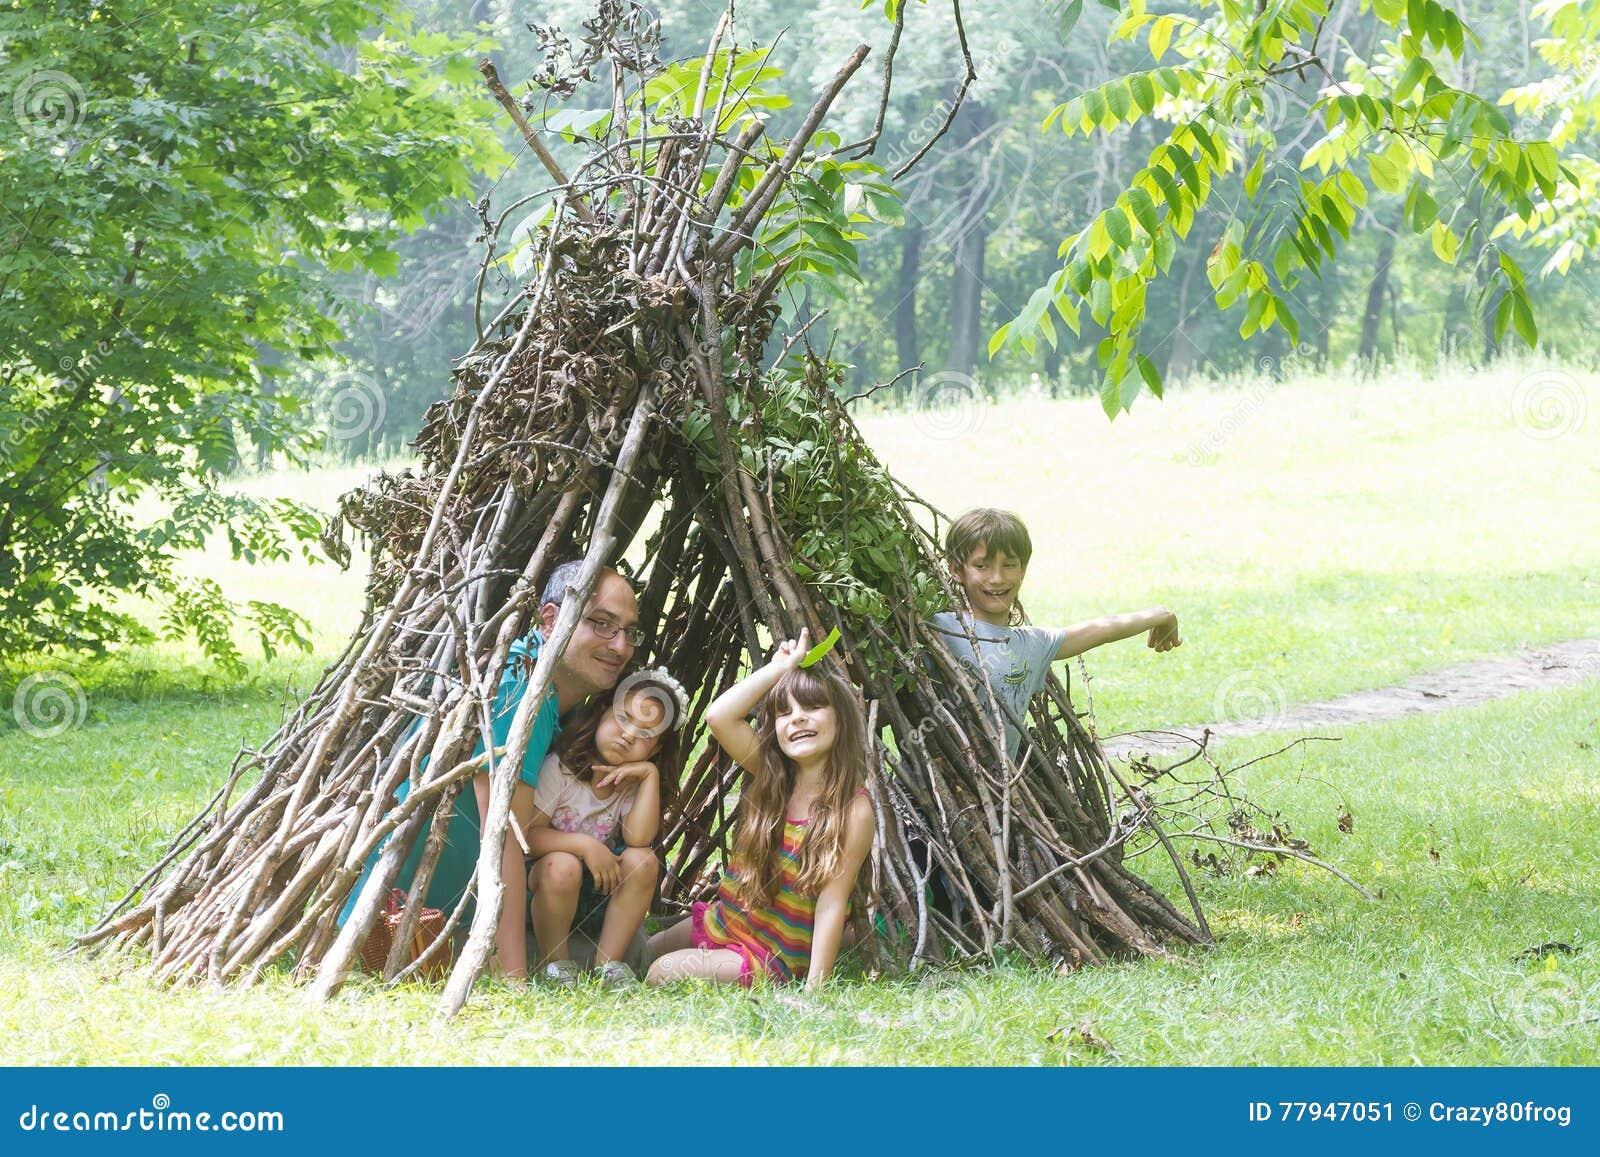 Дети играя рядом с деревянной ручкой расквартировывают выглядеть как индийская хата,